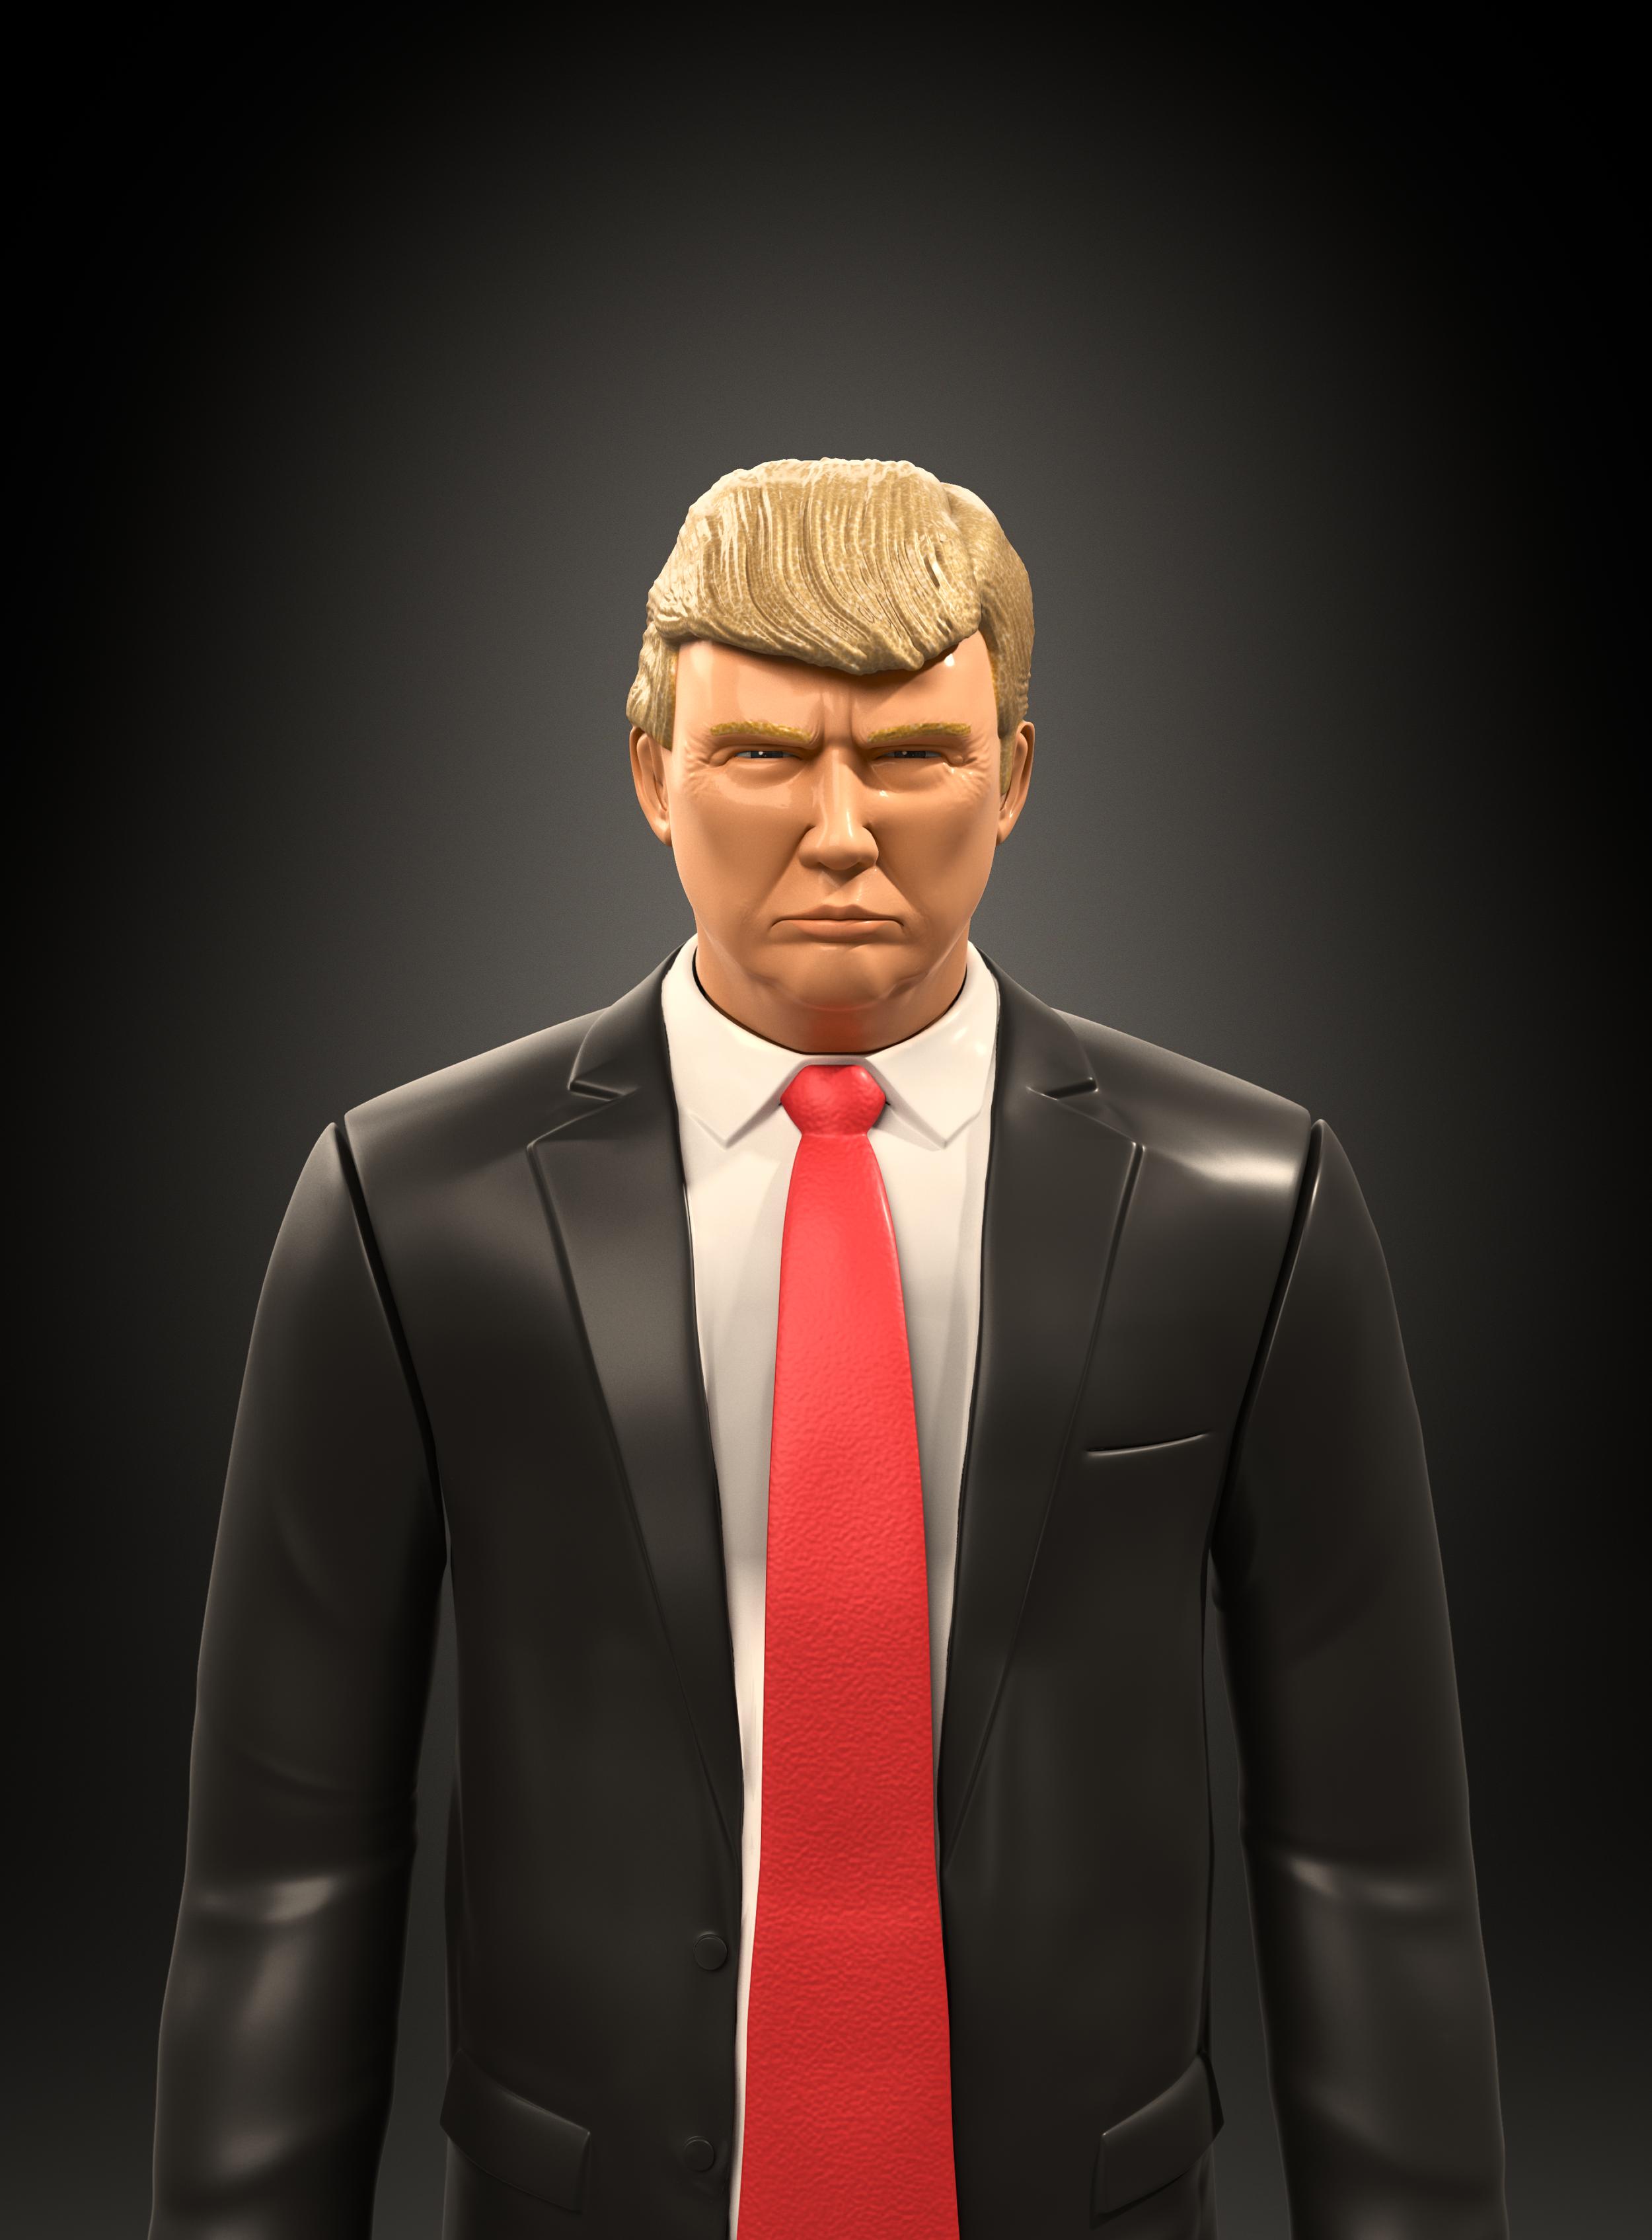 TrumpNoAcc0006.png